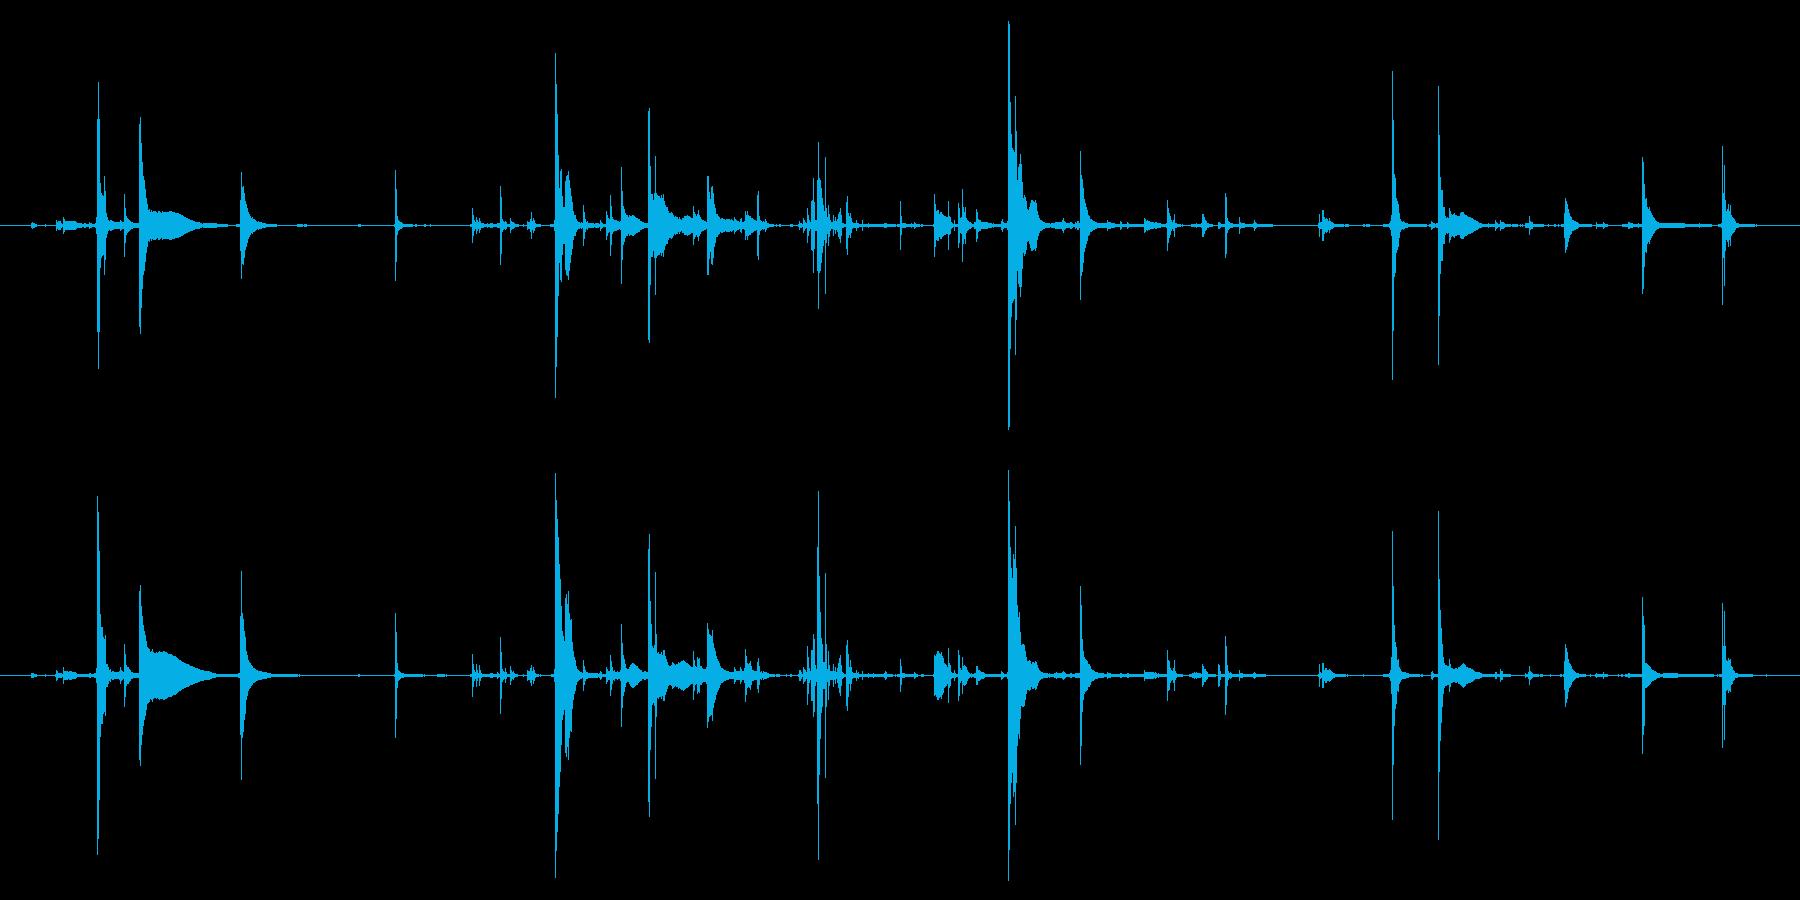 金属がガチャガチャいってる音の再生済みの波形